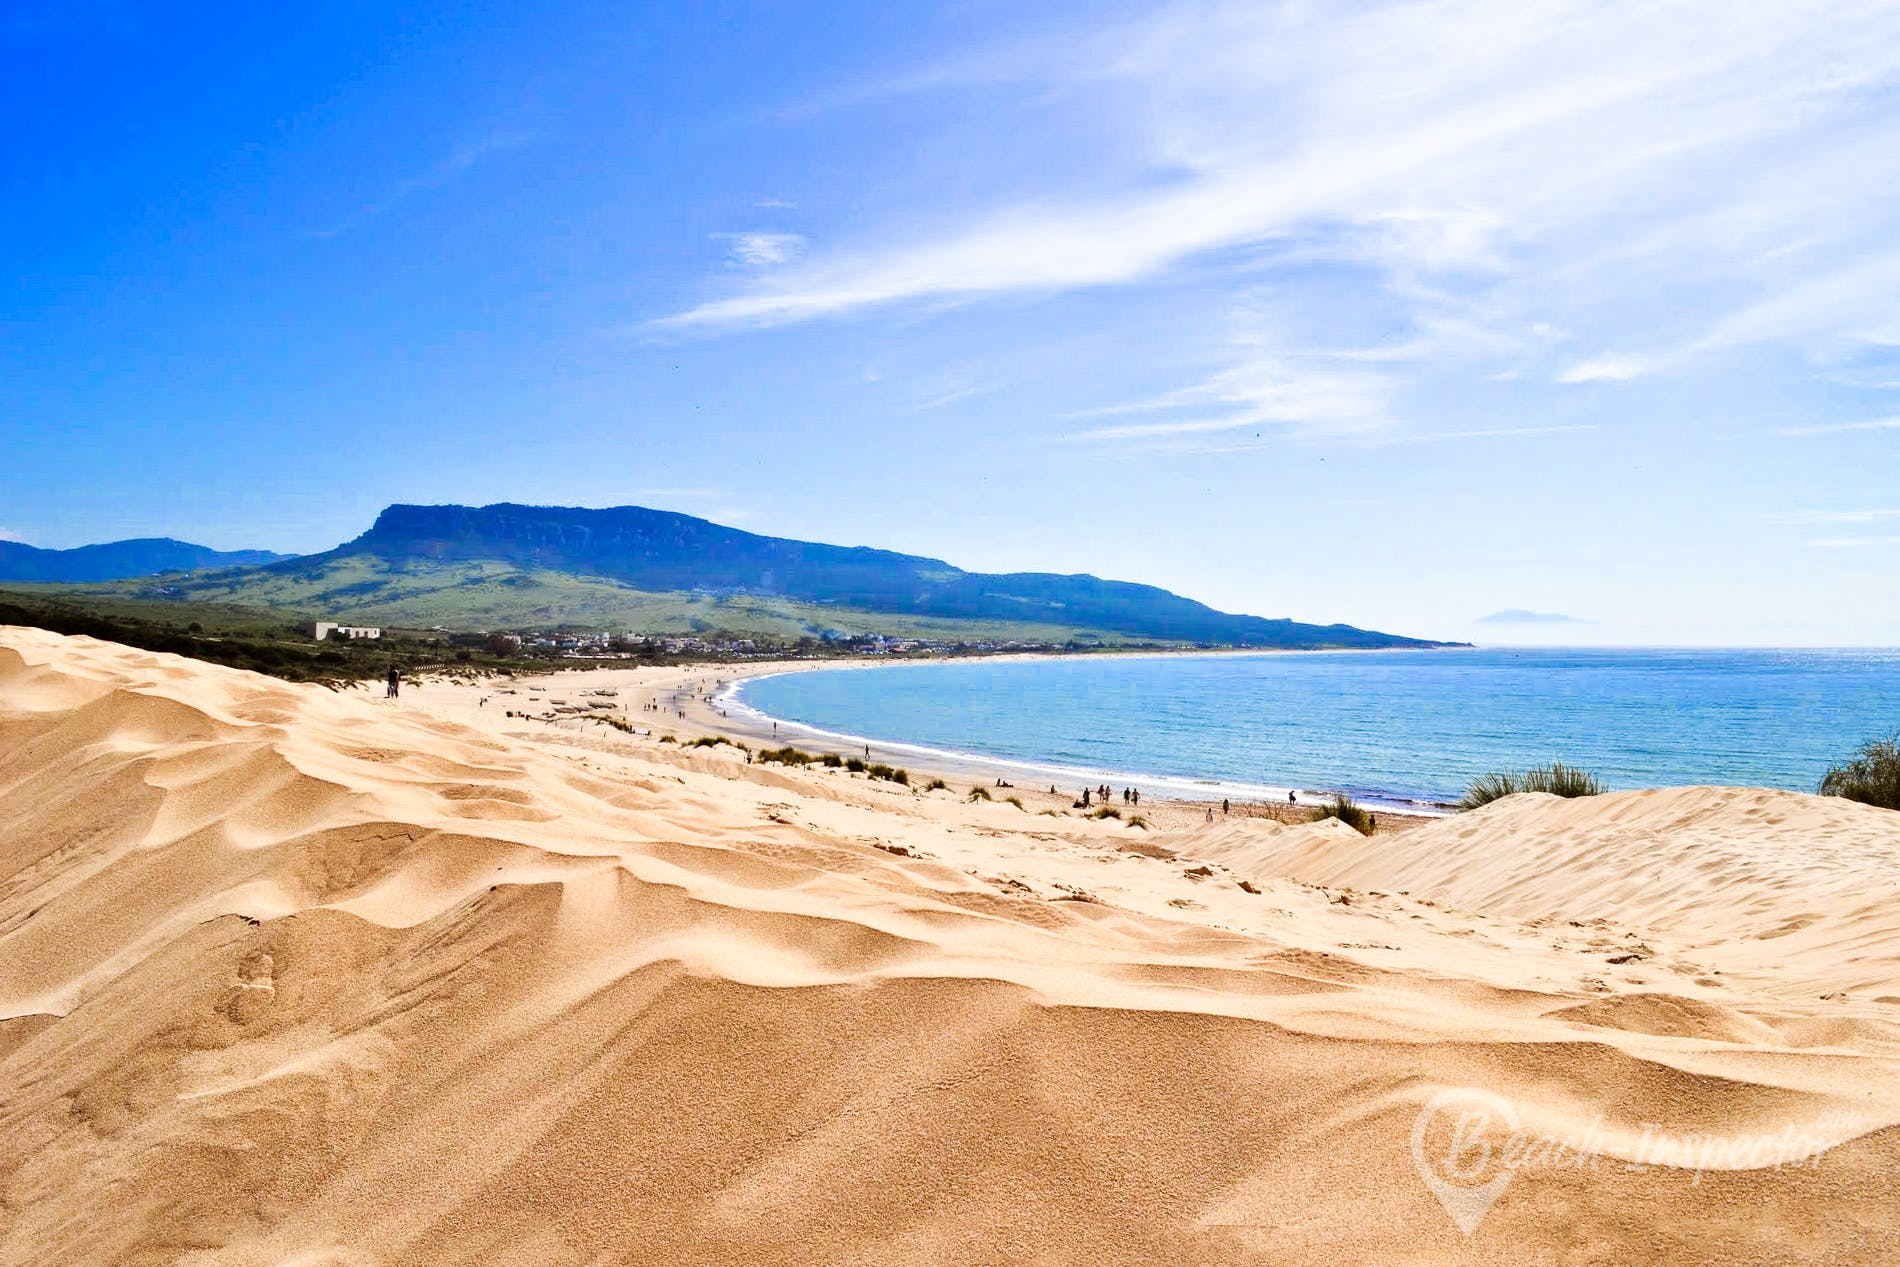 Playa Playa de Bolonia, Costa de la Luz, España